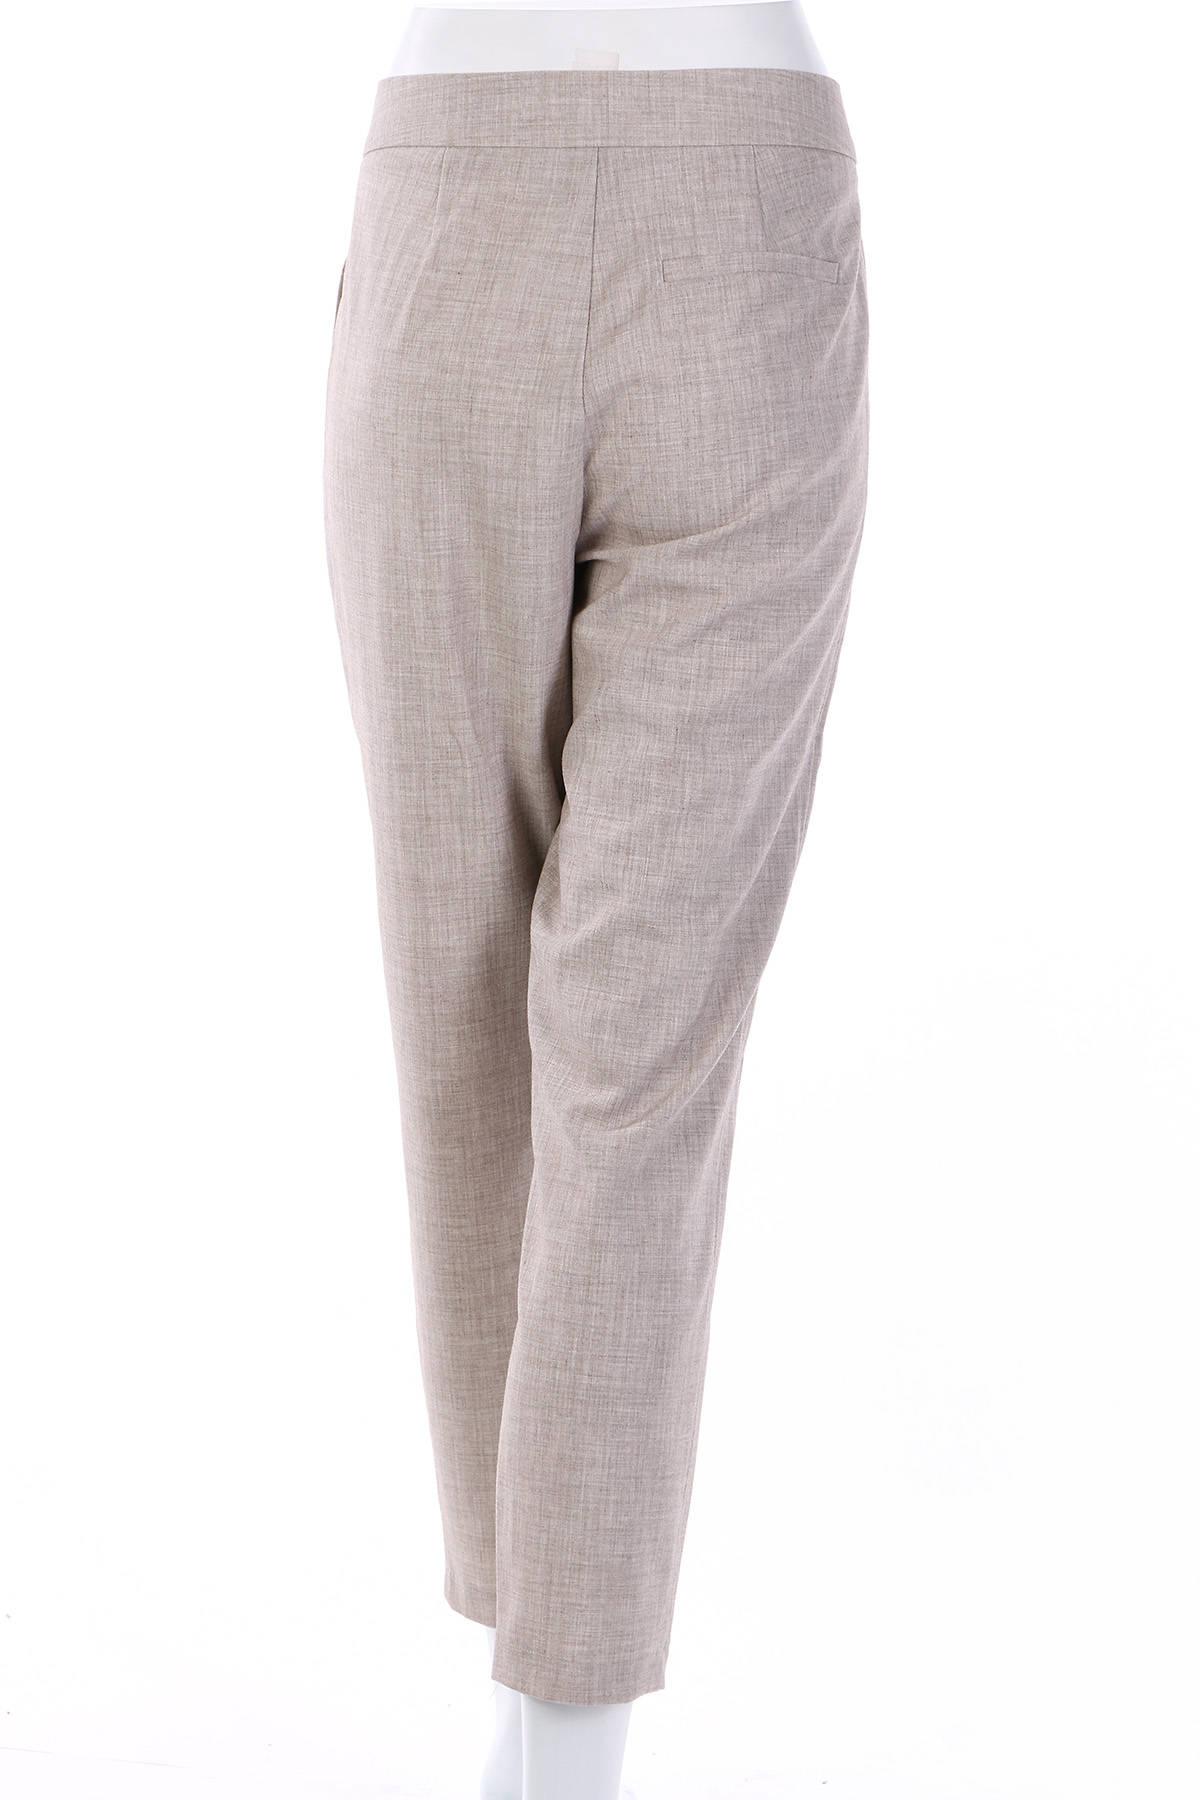 Панталон Vero Moda2